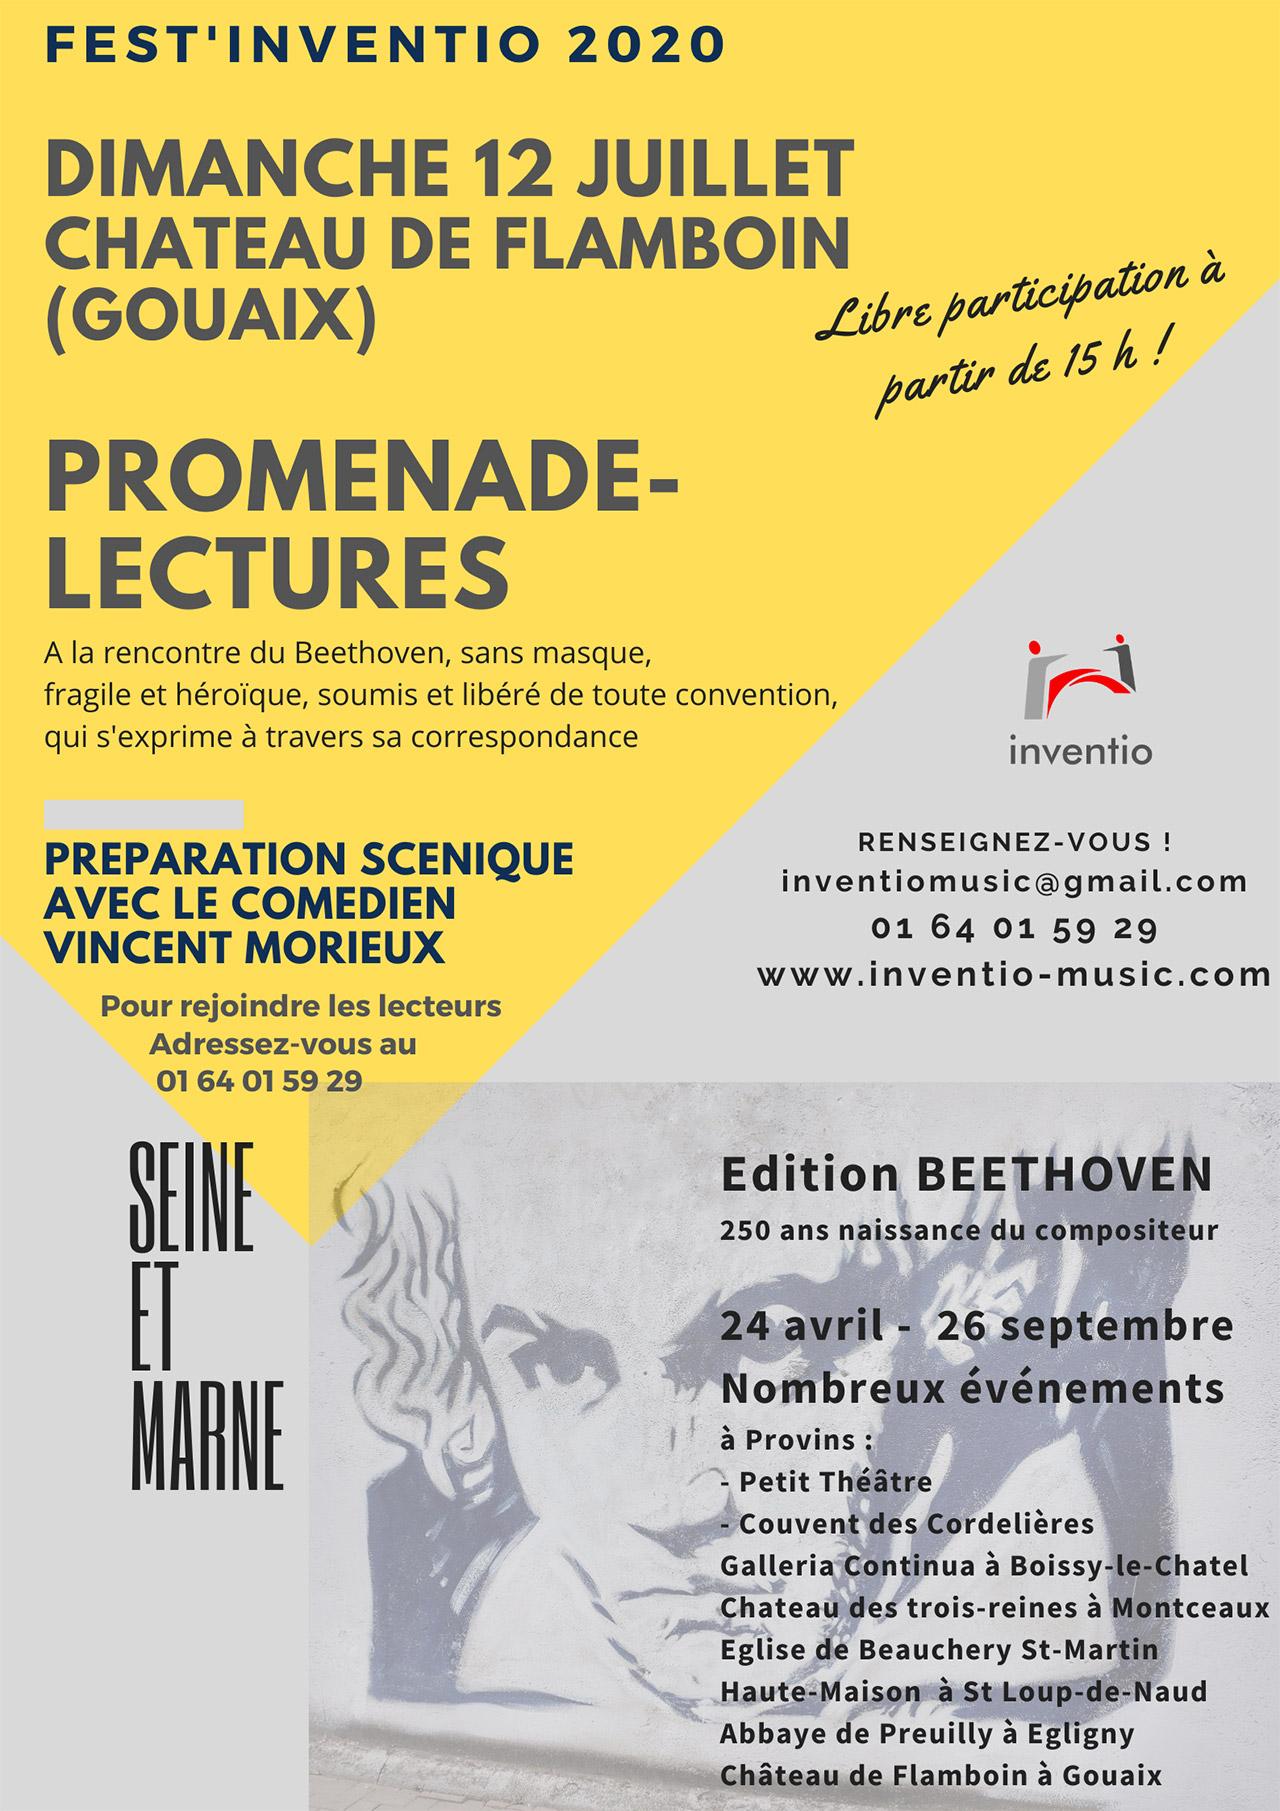 Edition 2020 Fest'inventio - Château de Flamboin à Gouaix Promenade-lectures guidée par Vincent Morieux